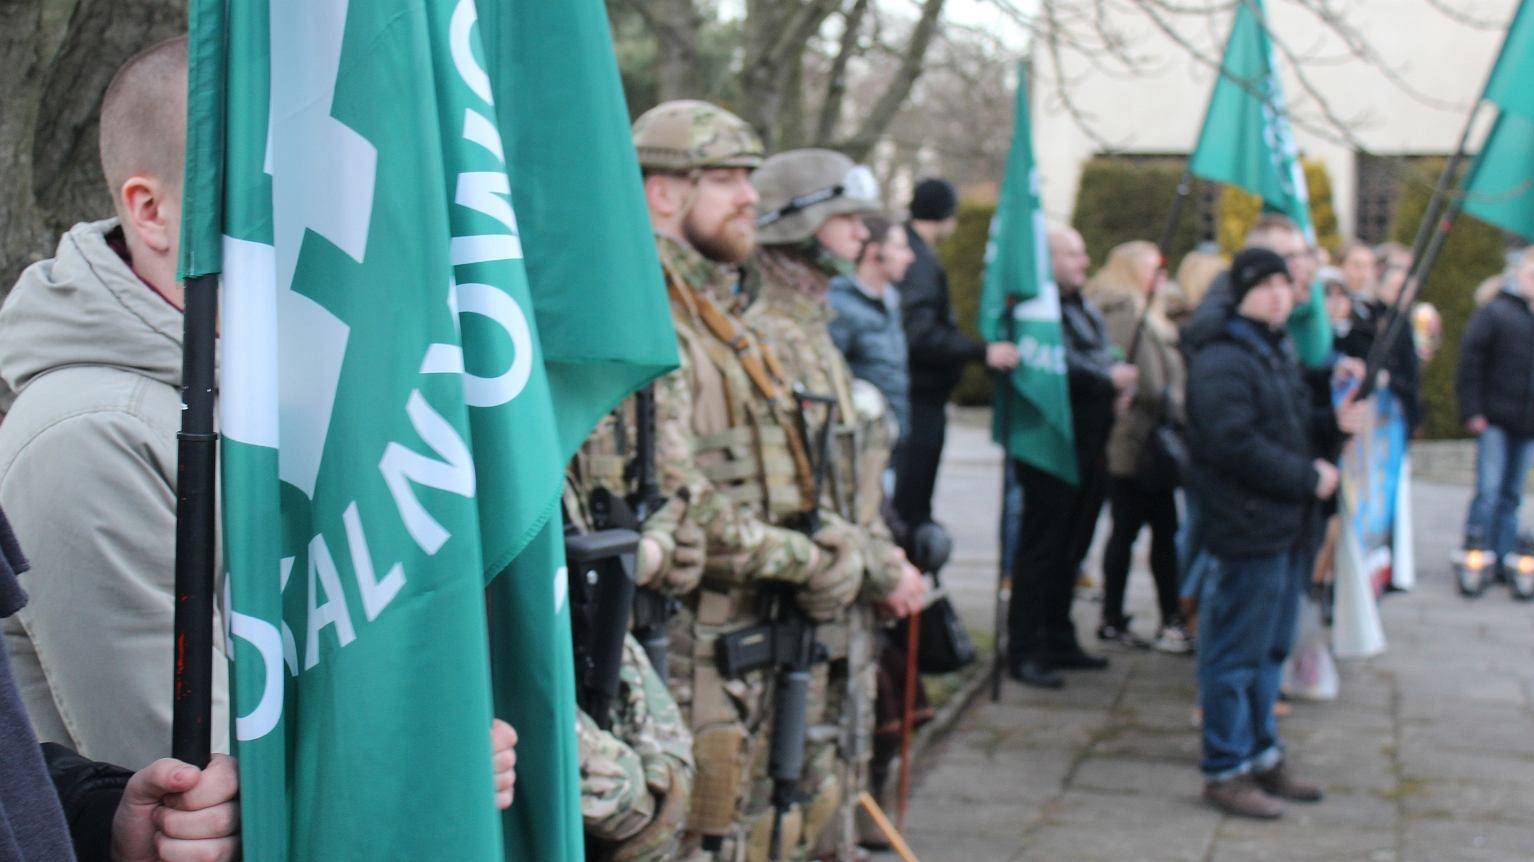 Obchody Dnia Pamięci Żołnierzy Wyklętych w Pabianicach